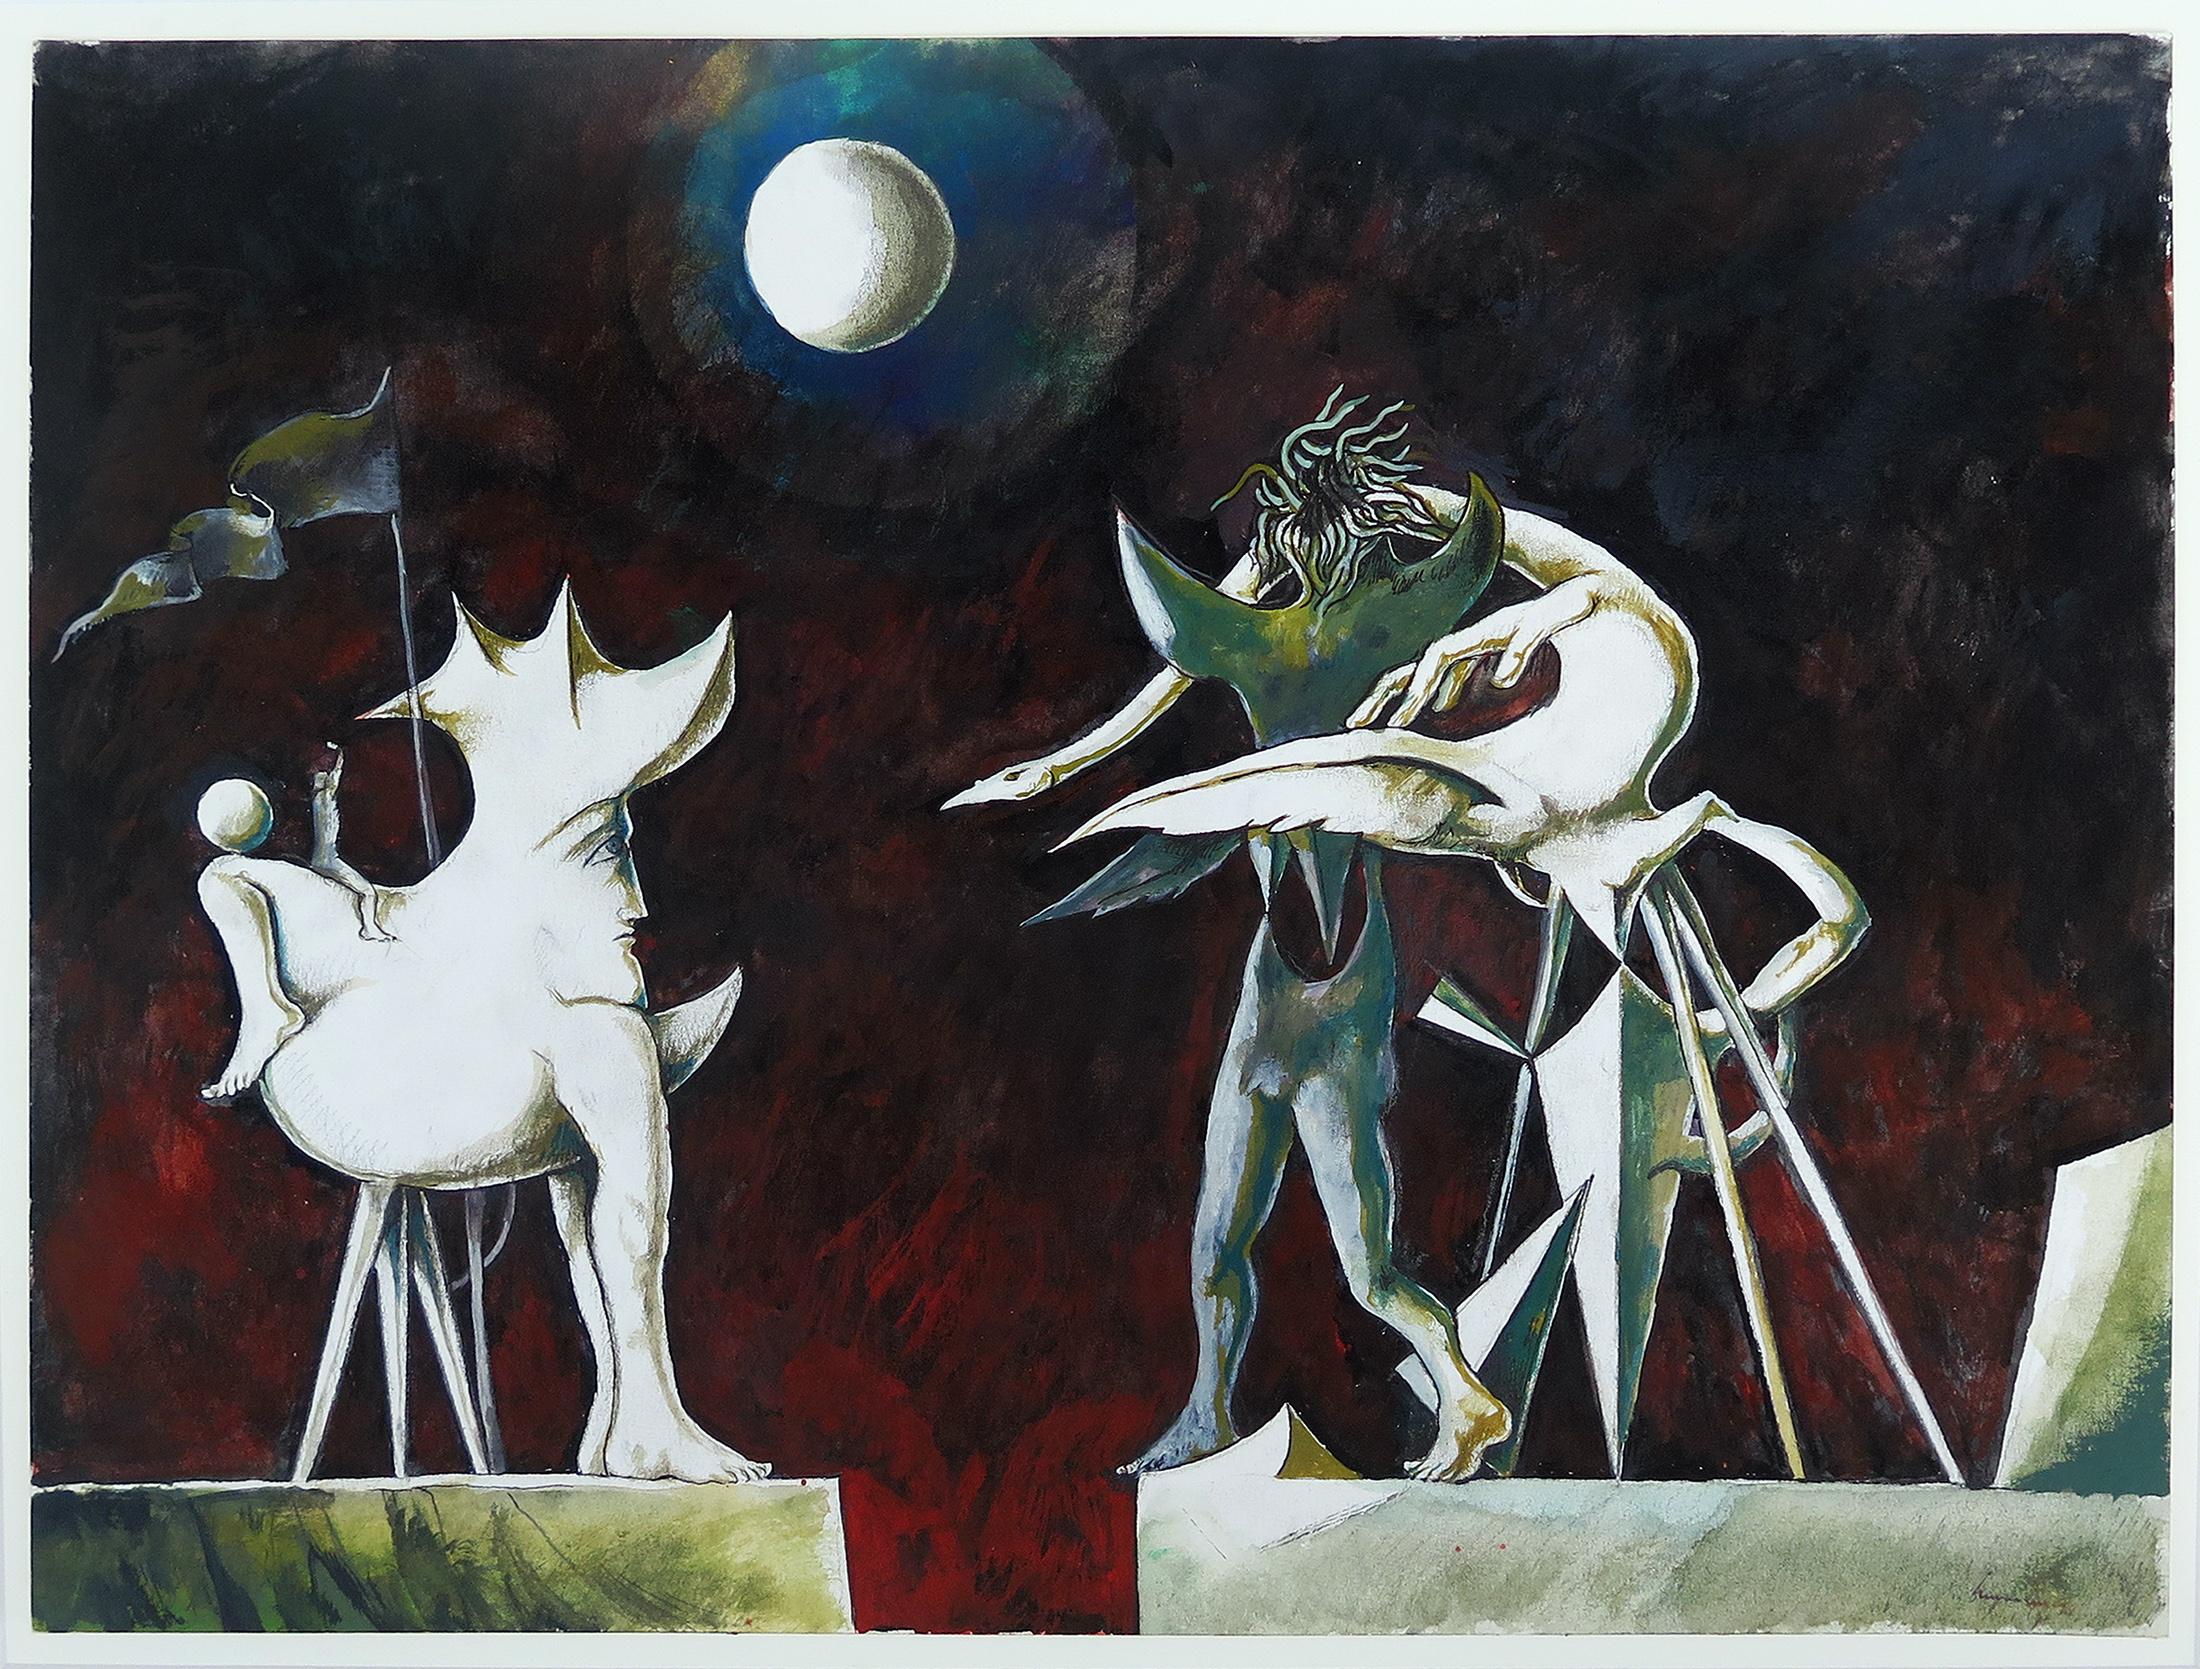 Sem título, pintura, técnica mista sobre papel, 36 x 48 cm